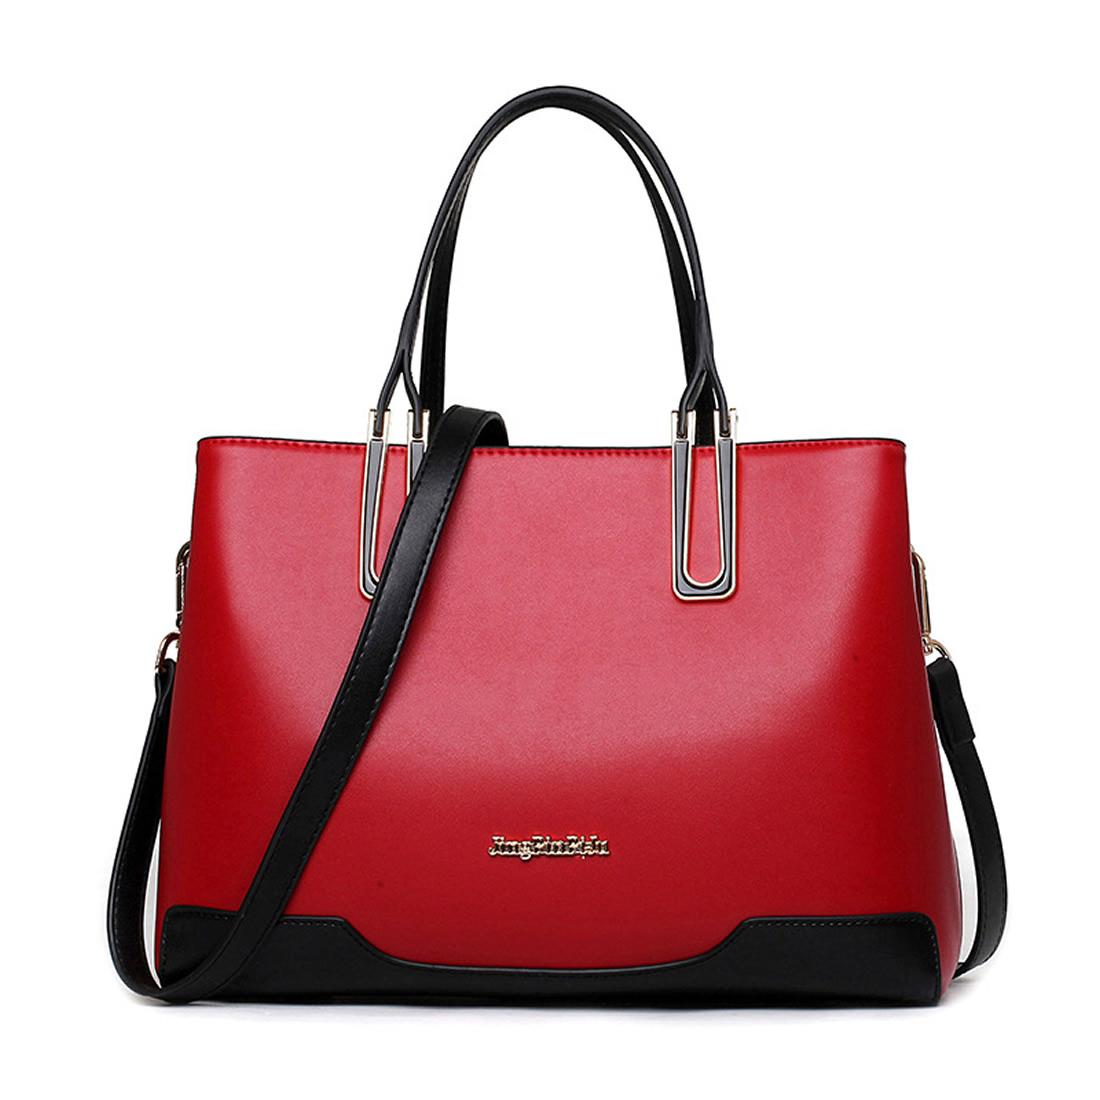 Fashion handbags for sale 100